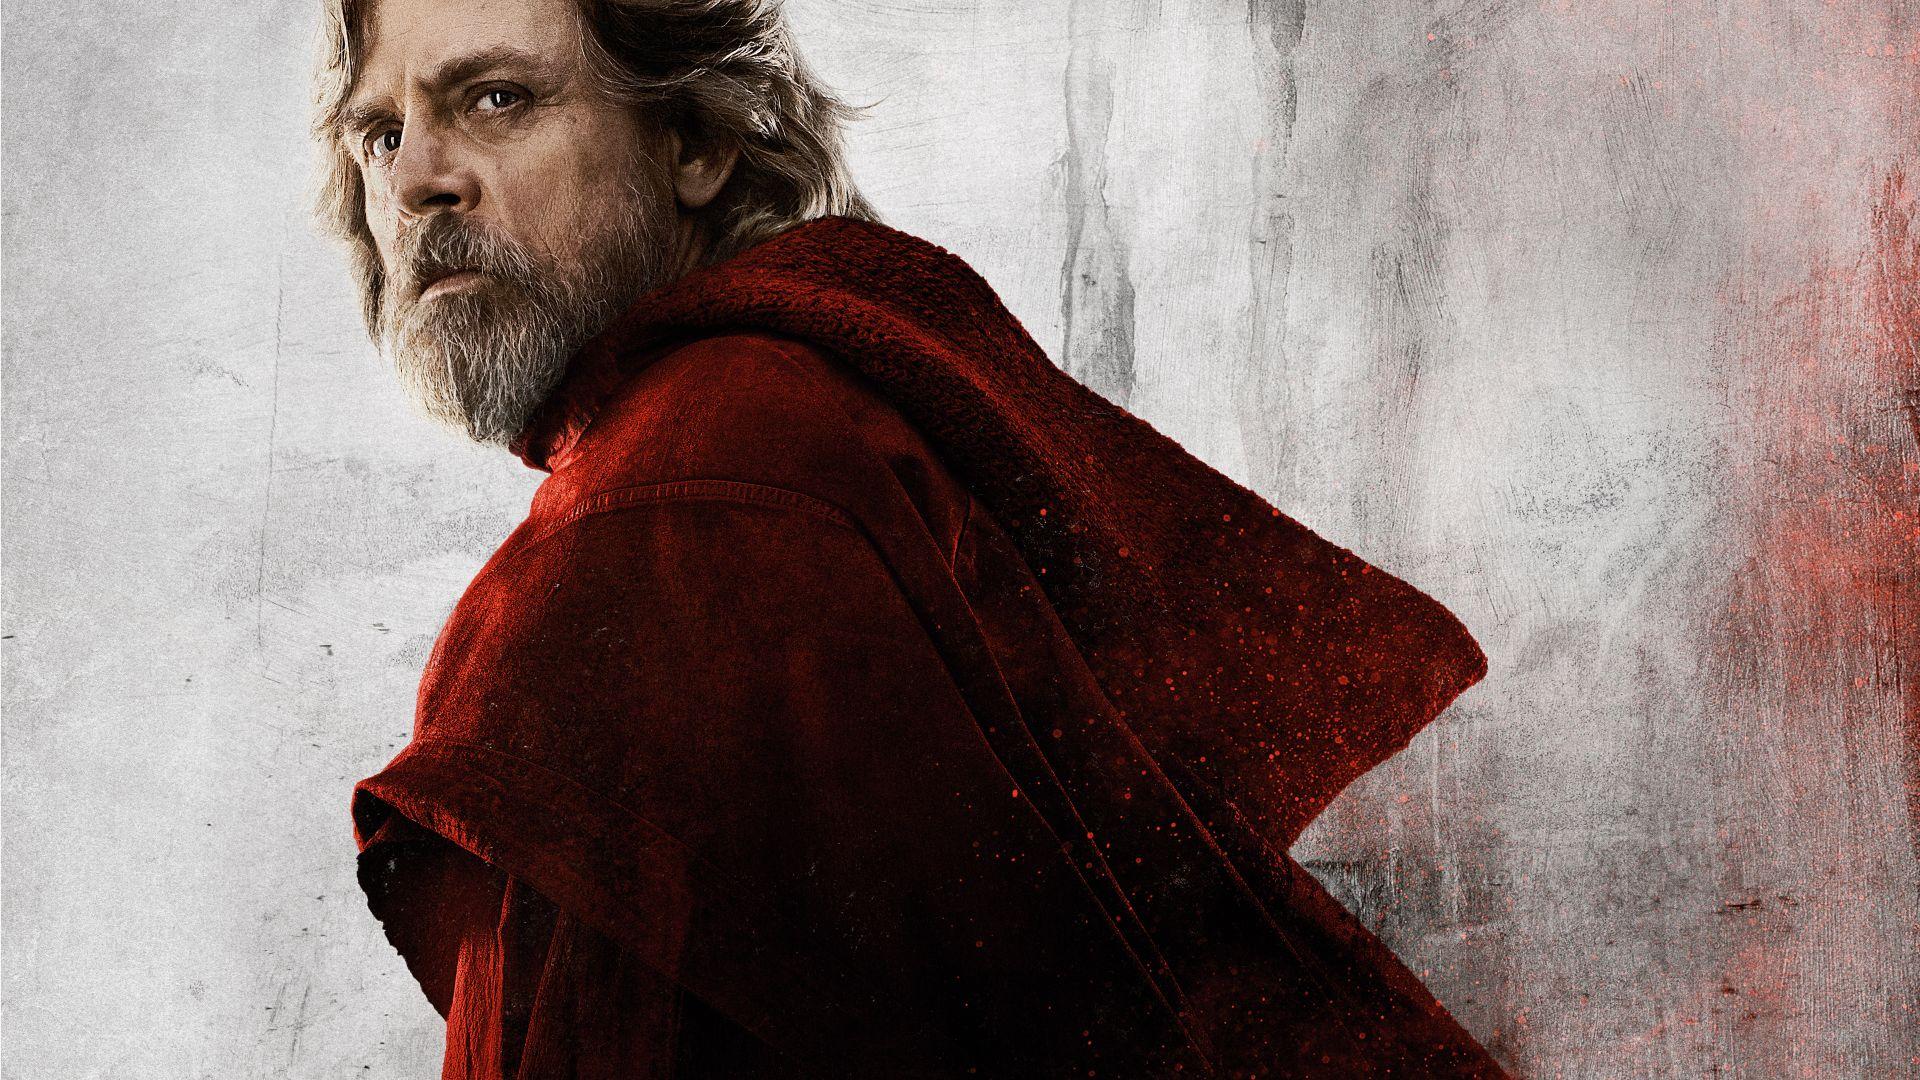 Wallpaper Star Wars The Last Jedi Mark Hamill 8k Movies 15103 1920x1080